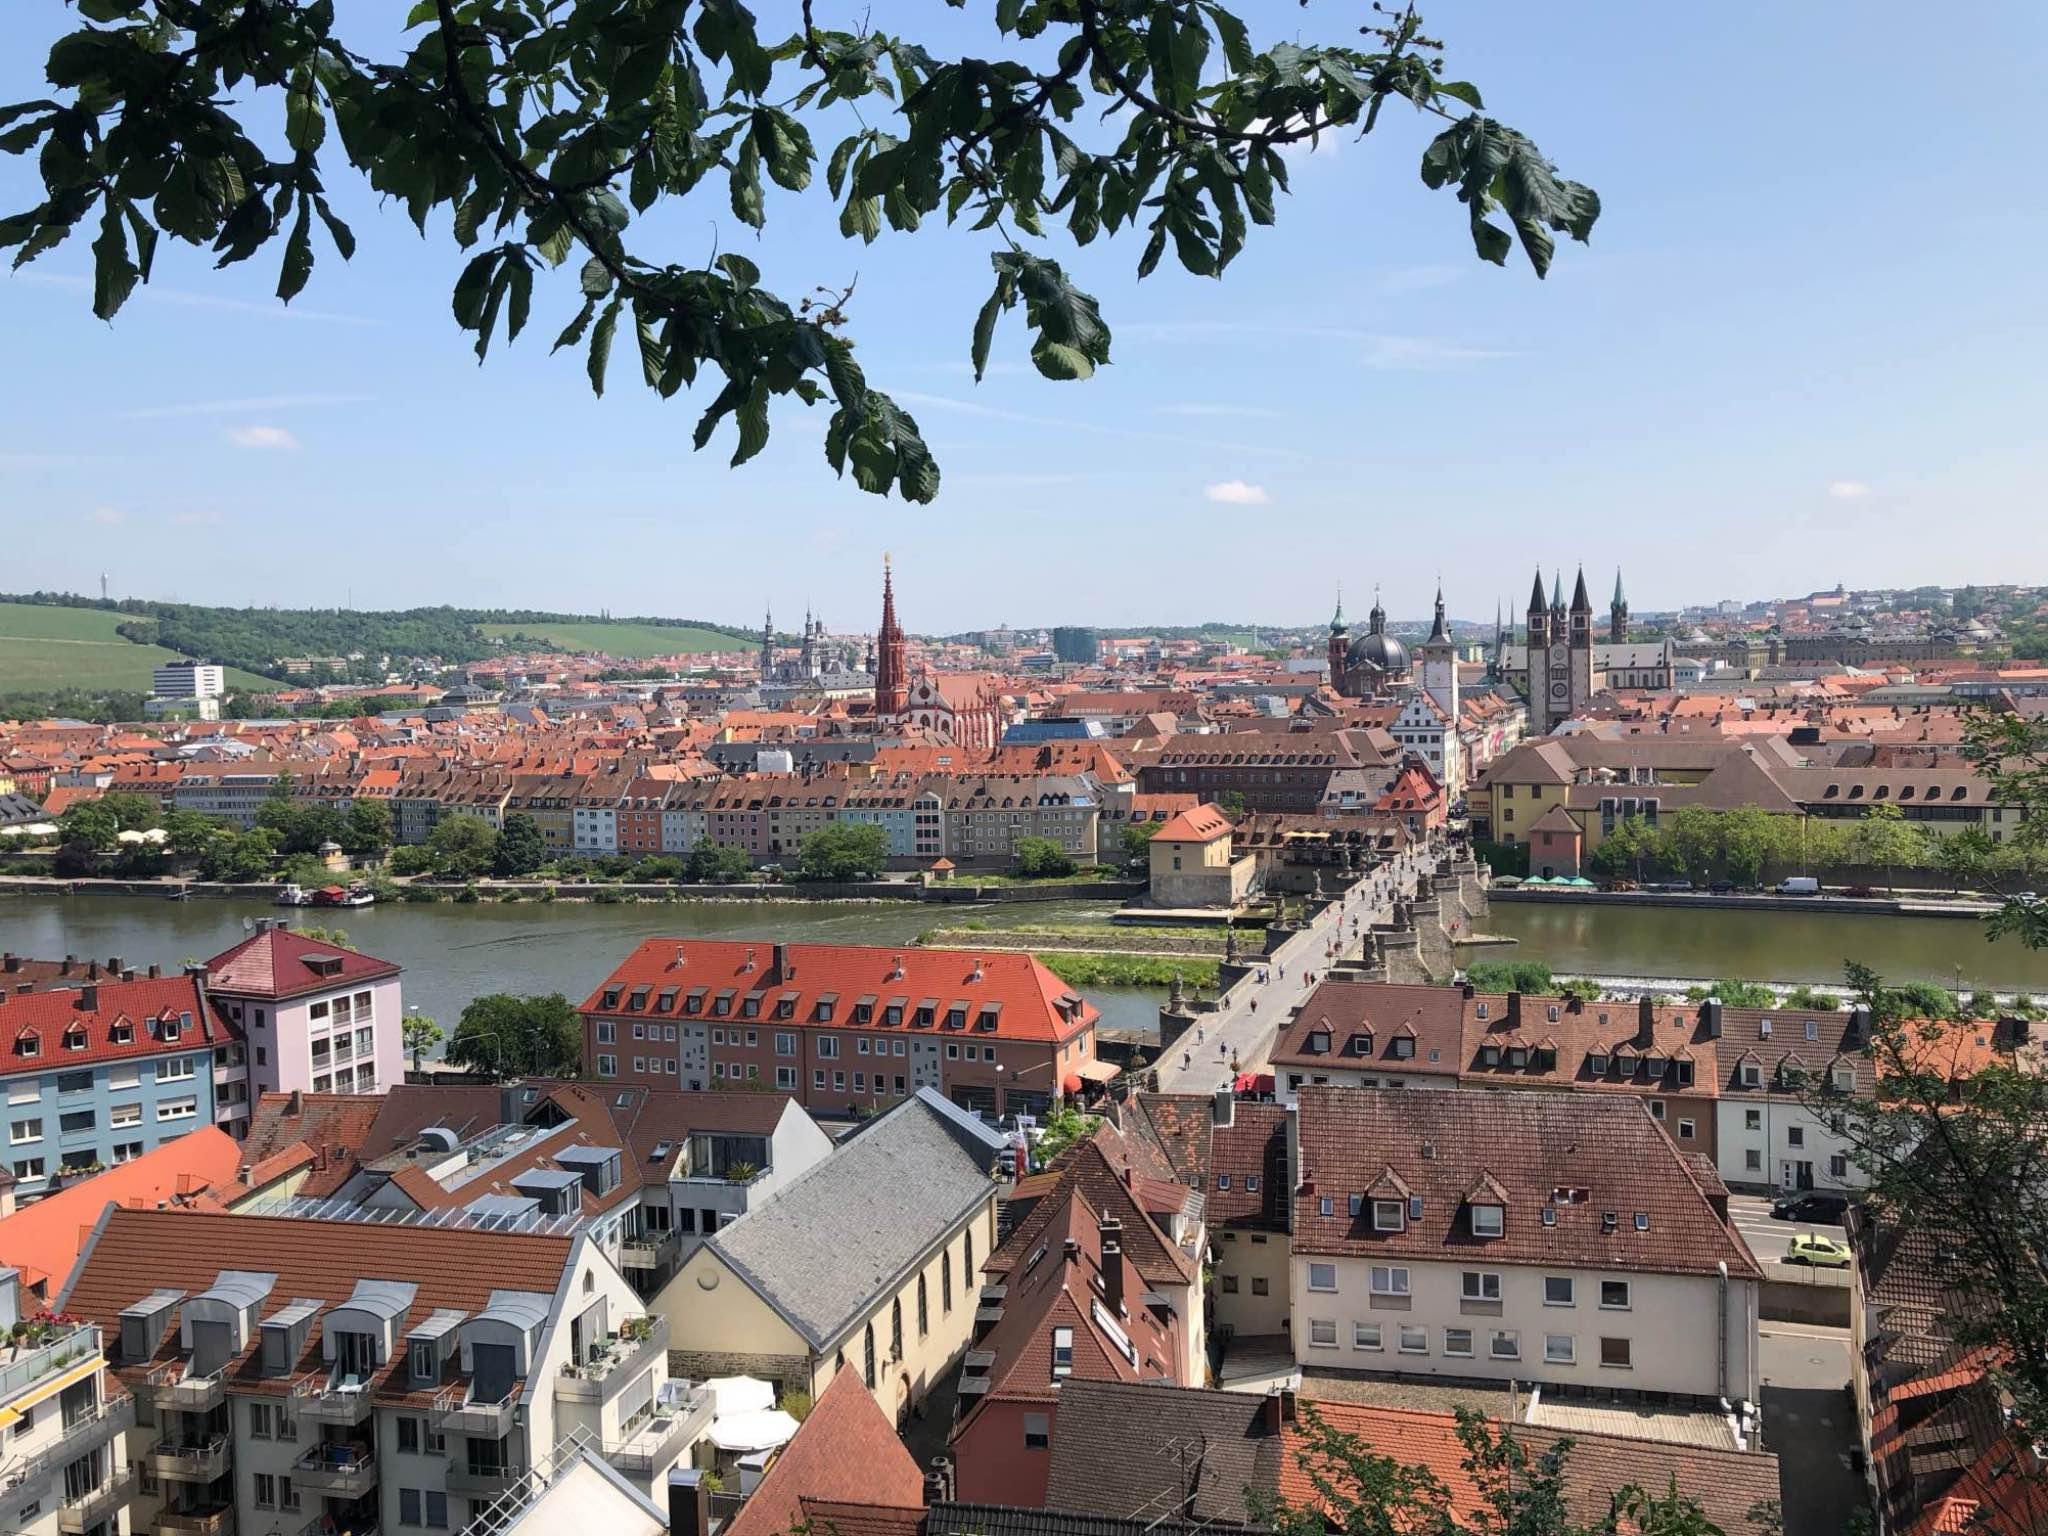 Der Weg hoch zur Festung ist zwar etwas anstrengend, aber der Ausblick ist die Mühe definitiv wert. Foto: Annika Betz.